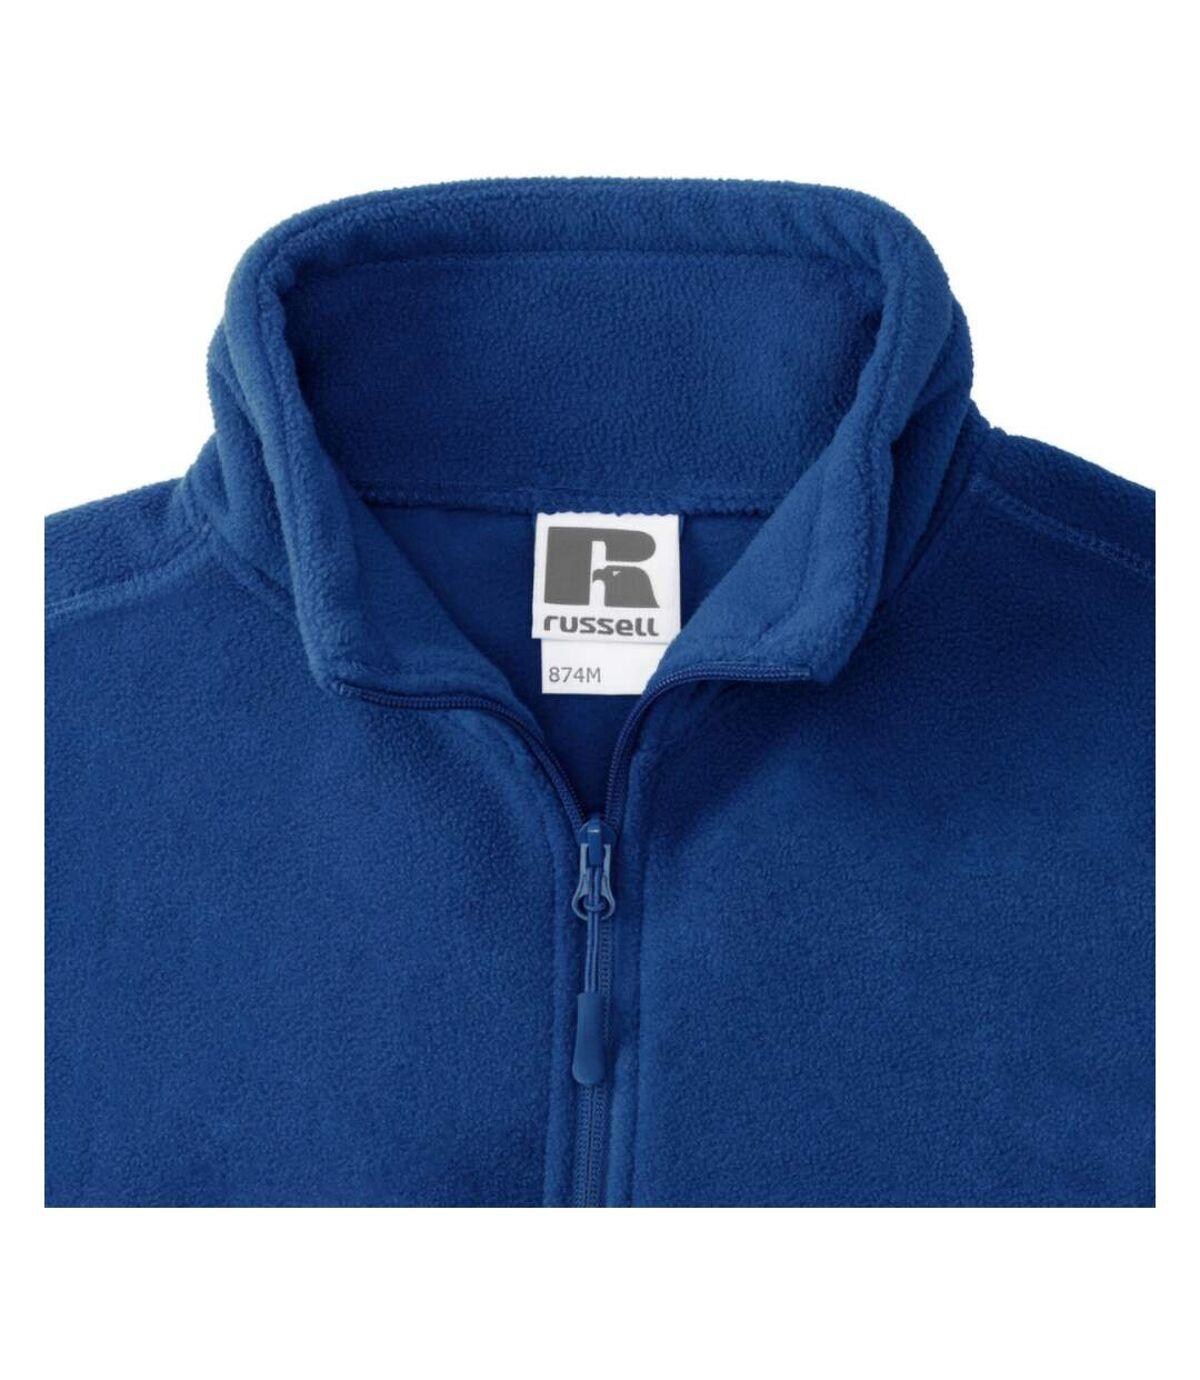 Russell - Polaire à fermeture zippée - Homme (Bleu roi vif) - UTBC1438